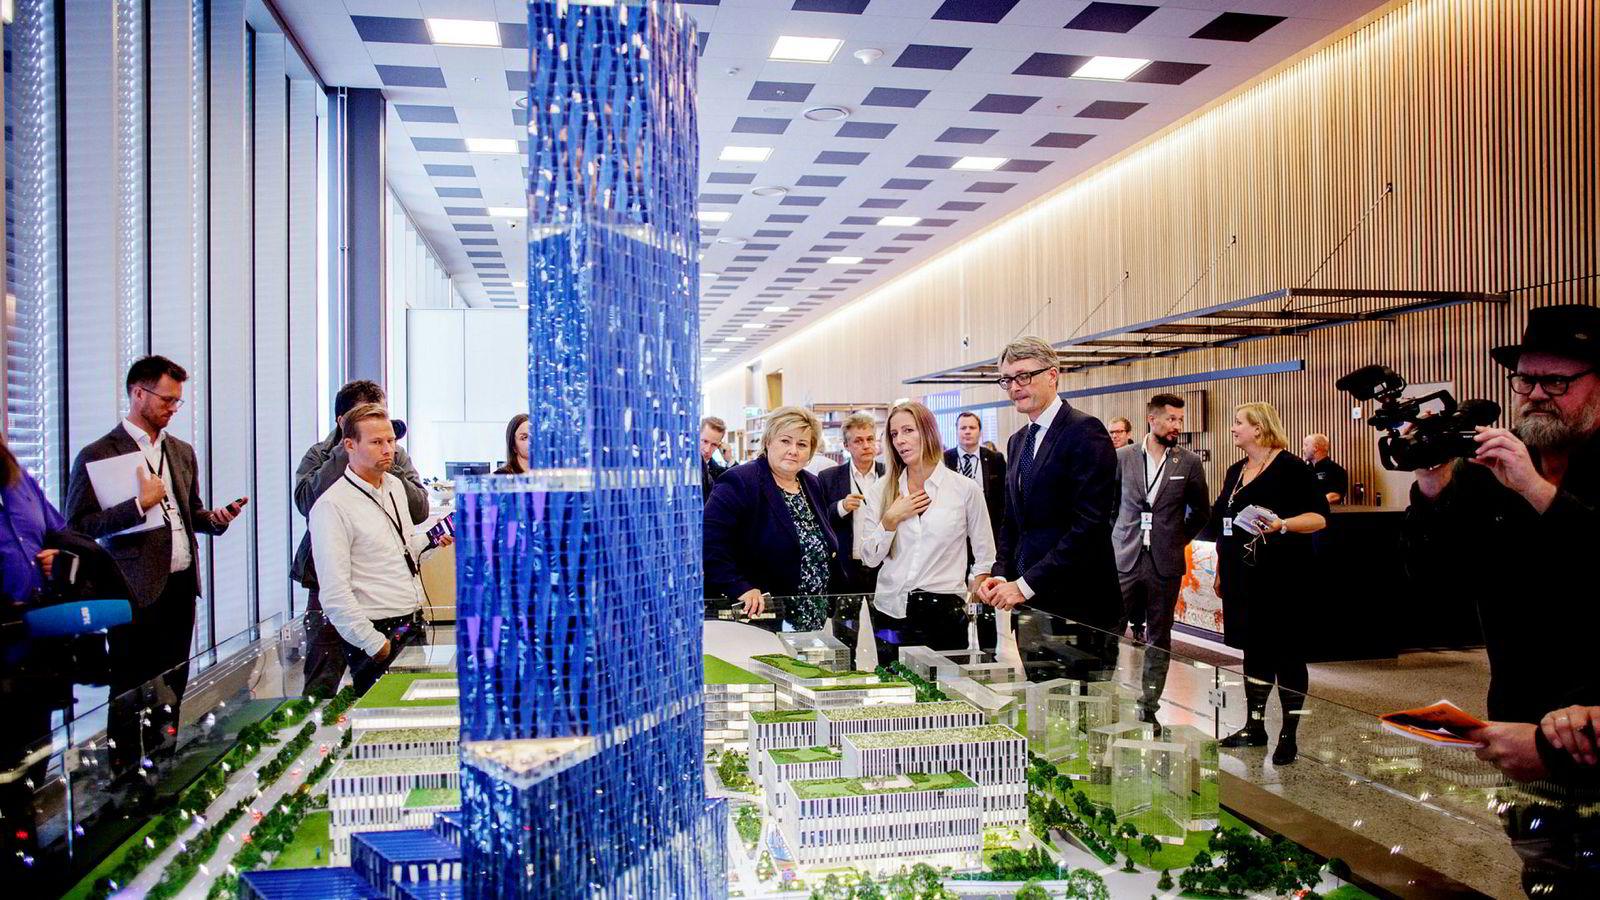 Statsminister Erna Solberg står og ser på det som kanskje blir Norges høyeste bygning, Kjell Inge Røkkes «Verdenshavenes hovedkvarter». Her står hun ved siden av Nina Jensen i Rev Ocean og konsernsjef i Aker, Øyvind Eriksen.